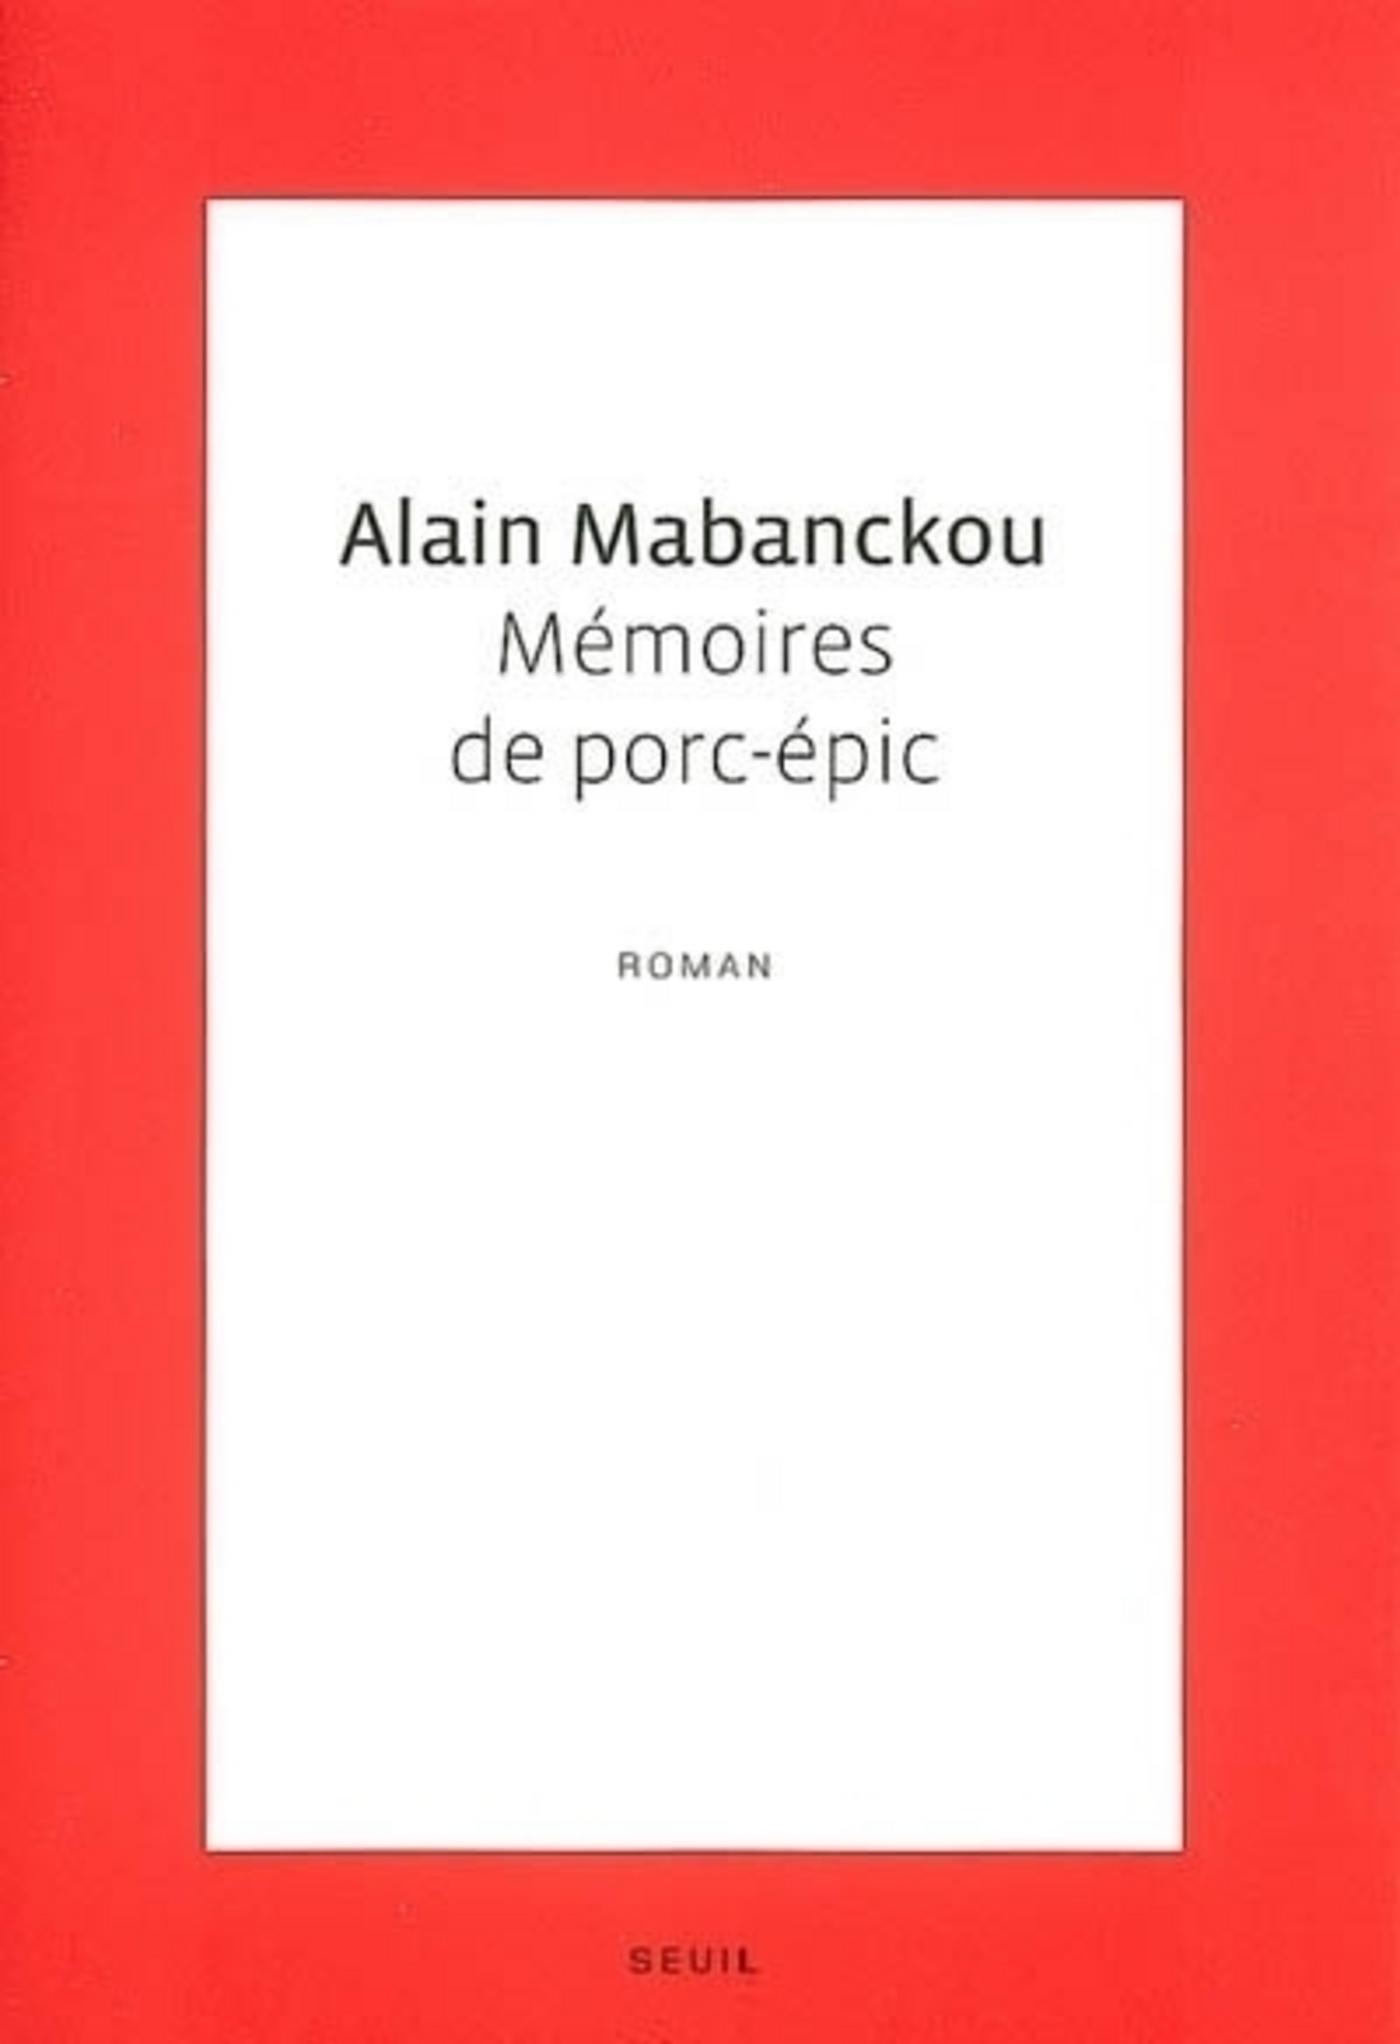 Mémoires de porc-épic | Mabanckou, Alain